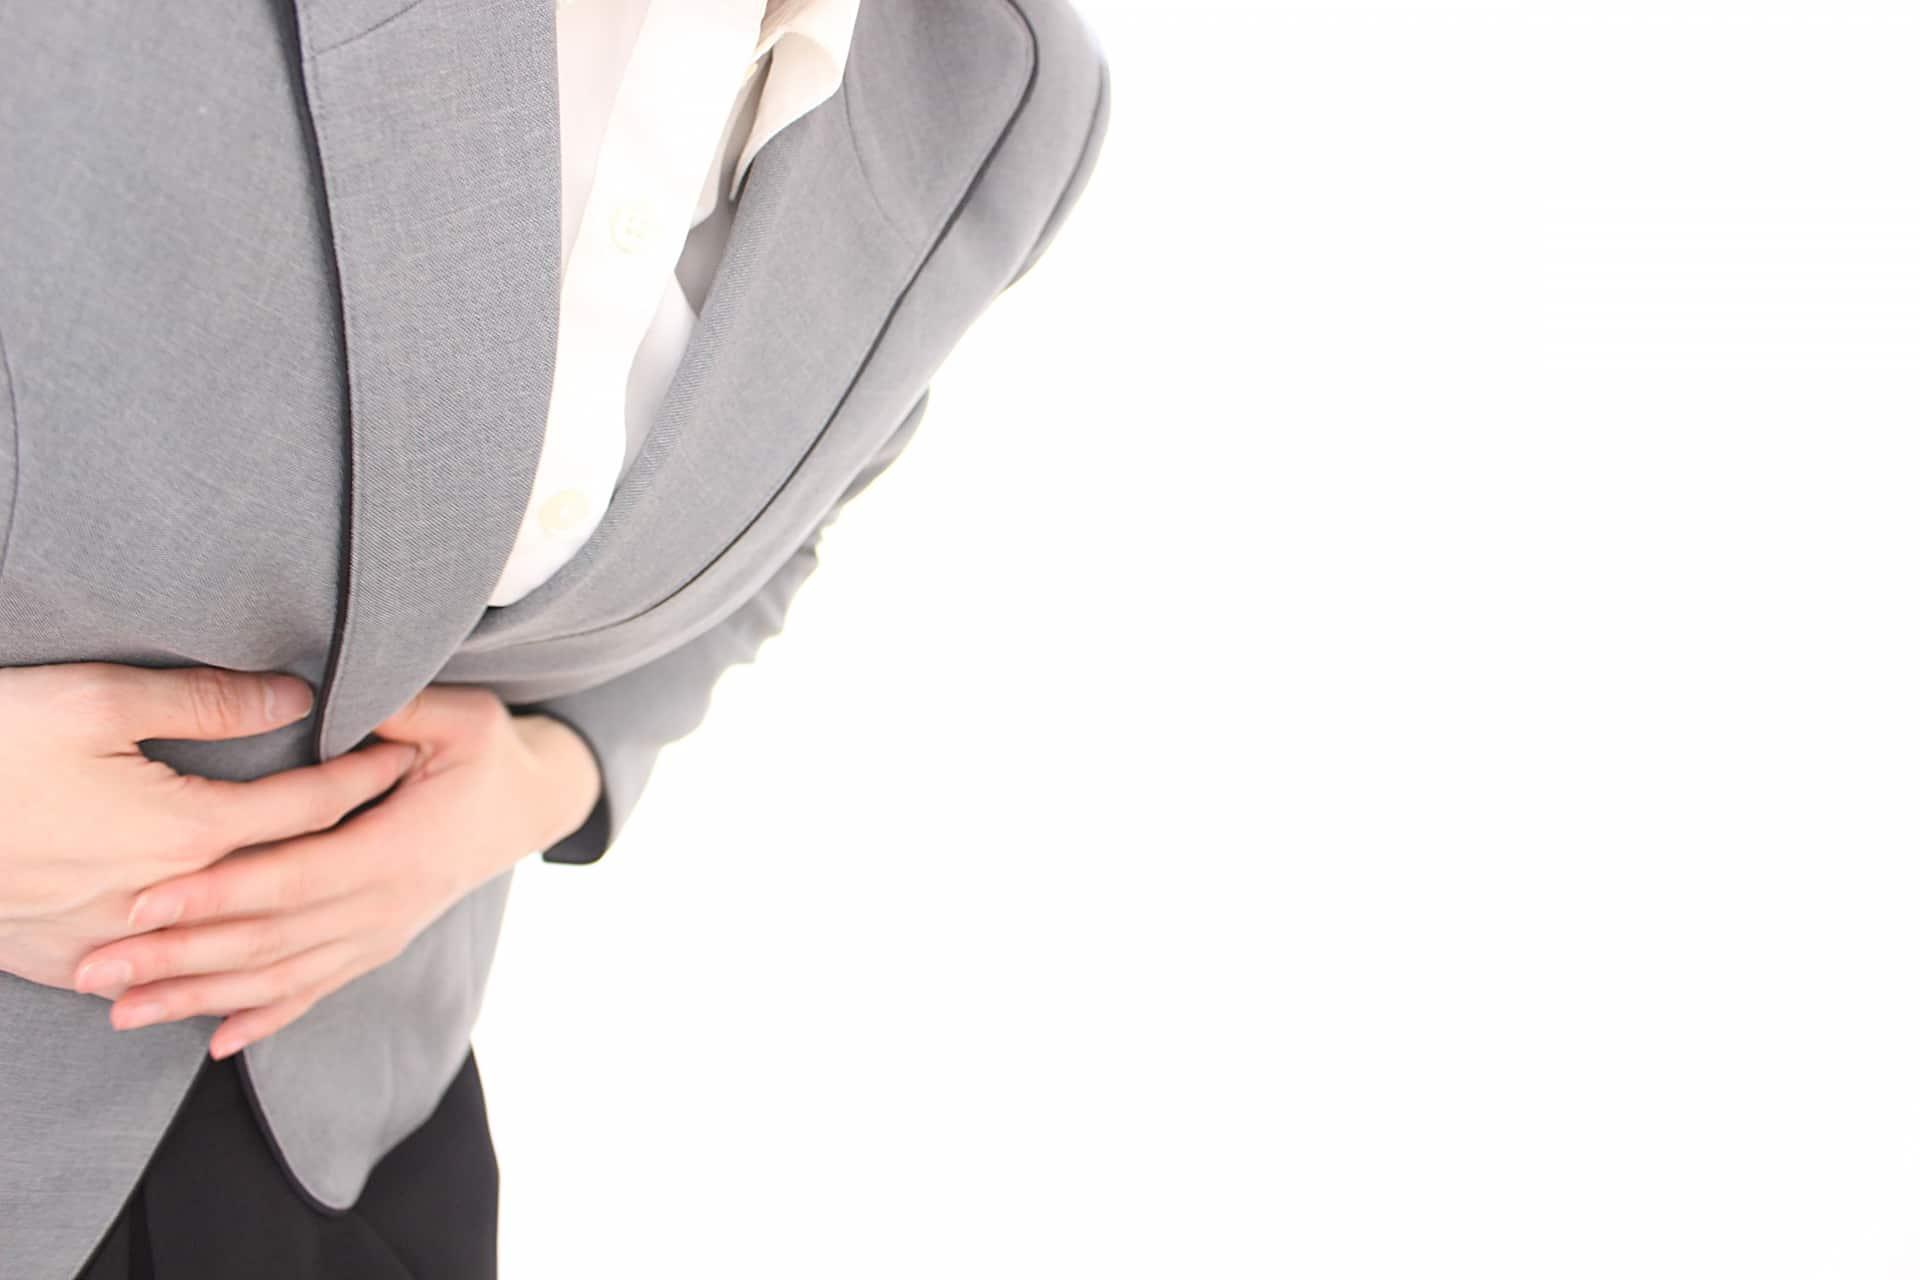 下痢の対処と予防